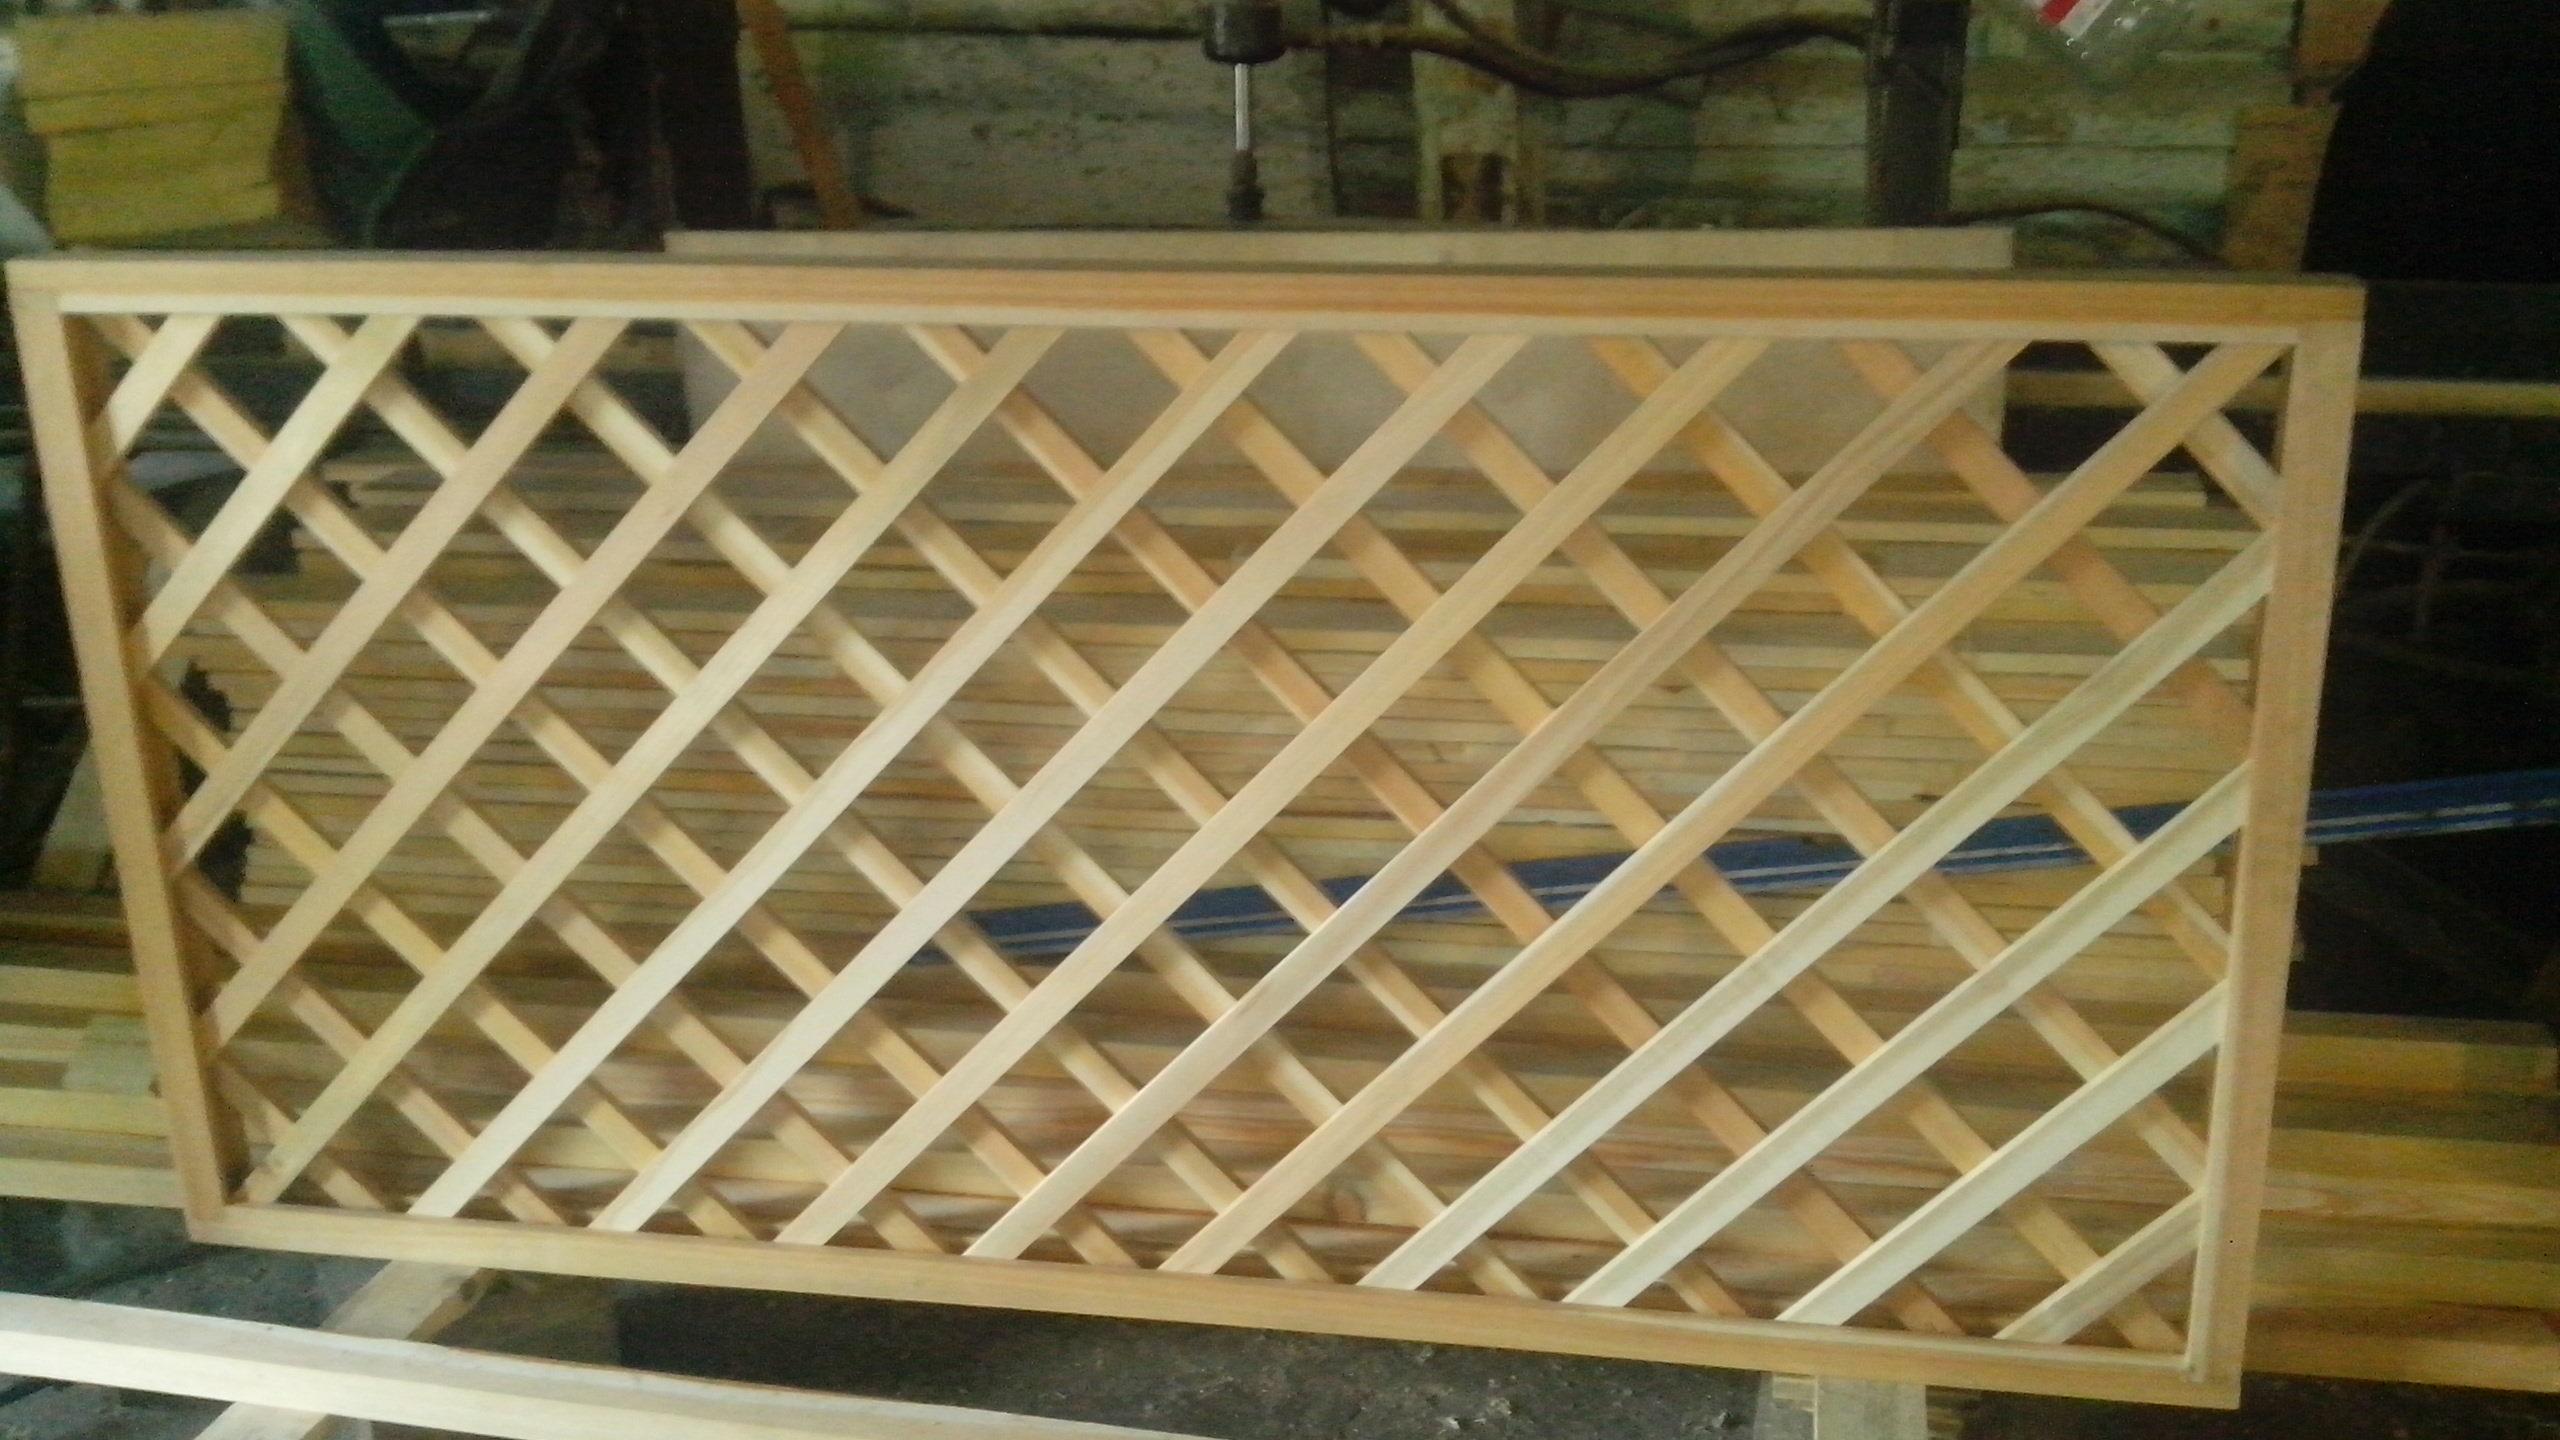 шпалера деревянная лиственница 2.0м*1.0м 1500 рублей/шт